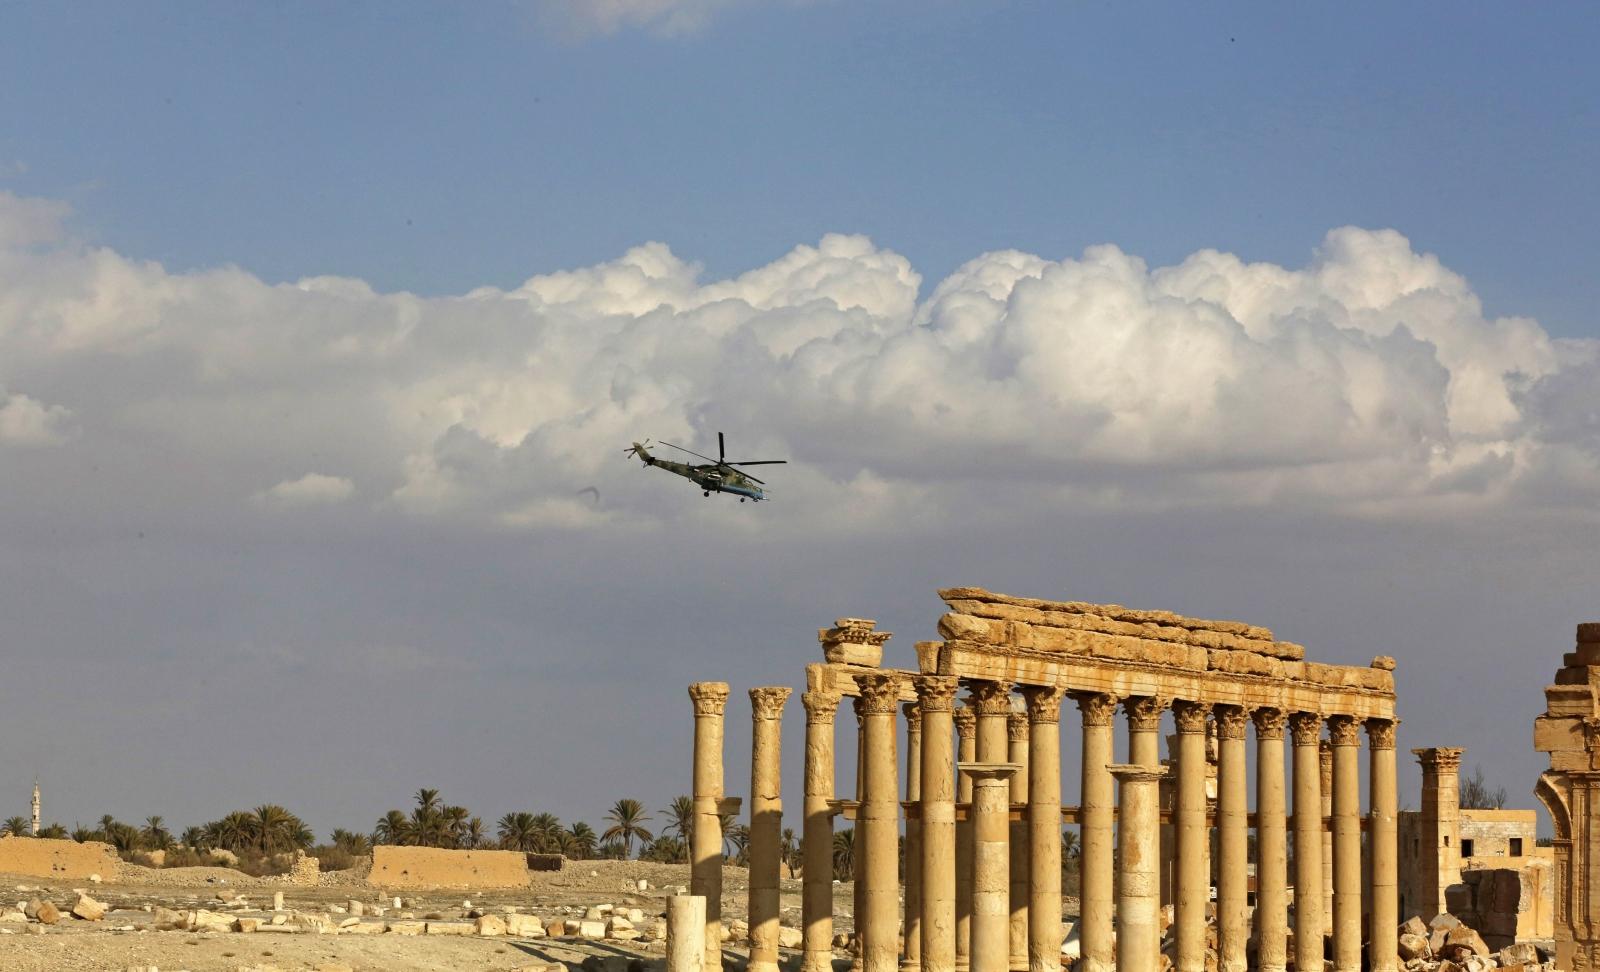 Rosyjski śmigłowiec wspomagający syryjską armię przelatuje nad zabytkami Palmiry.